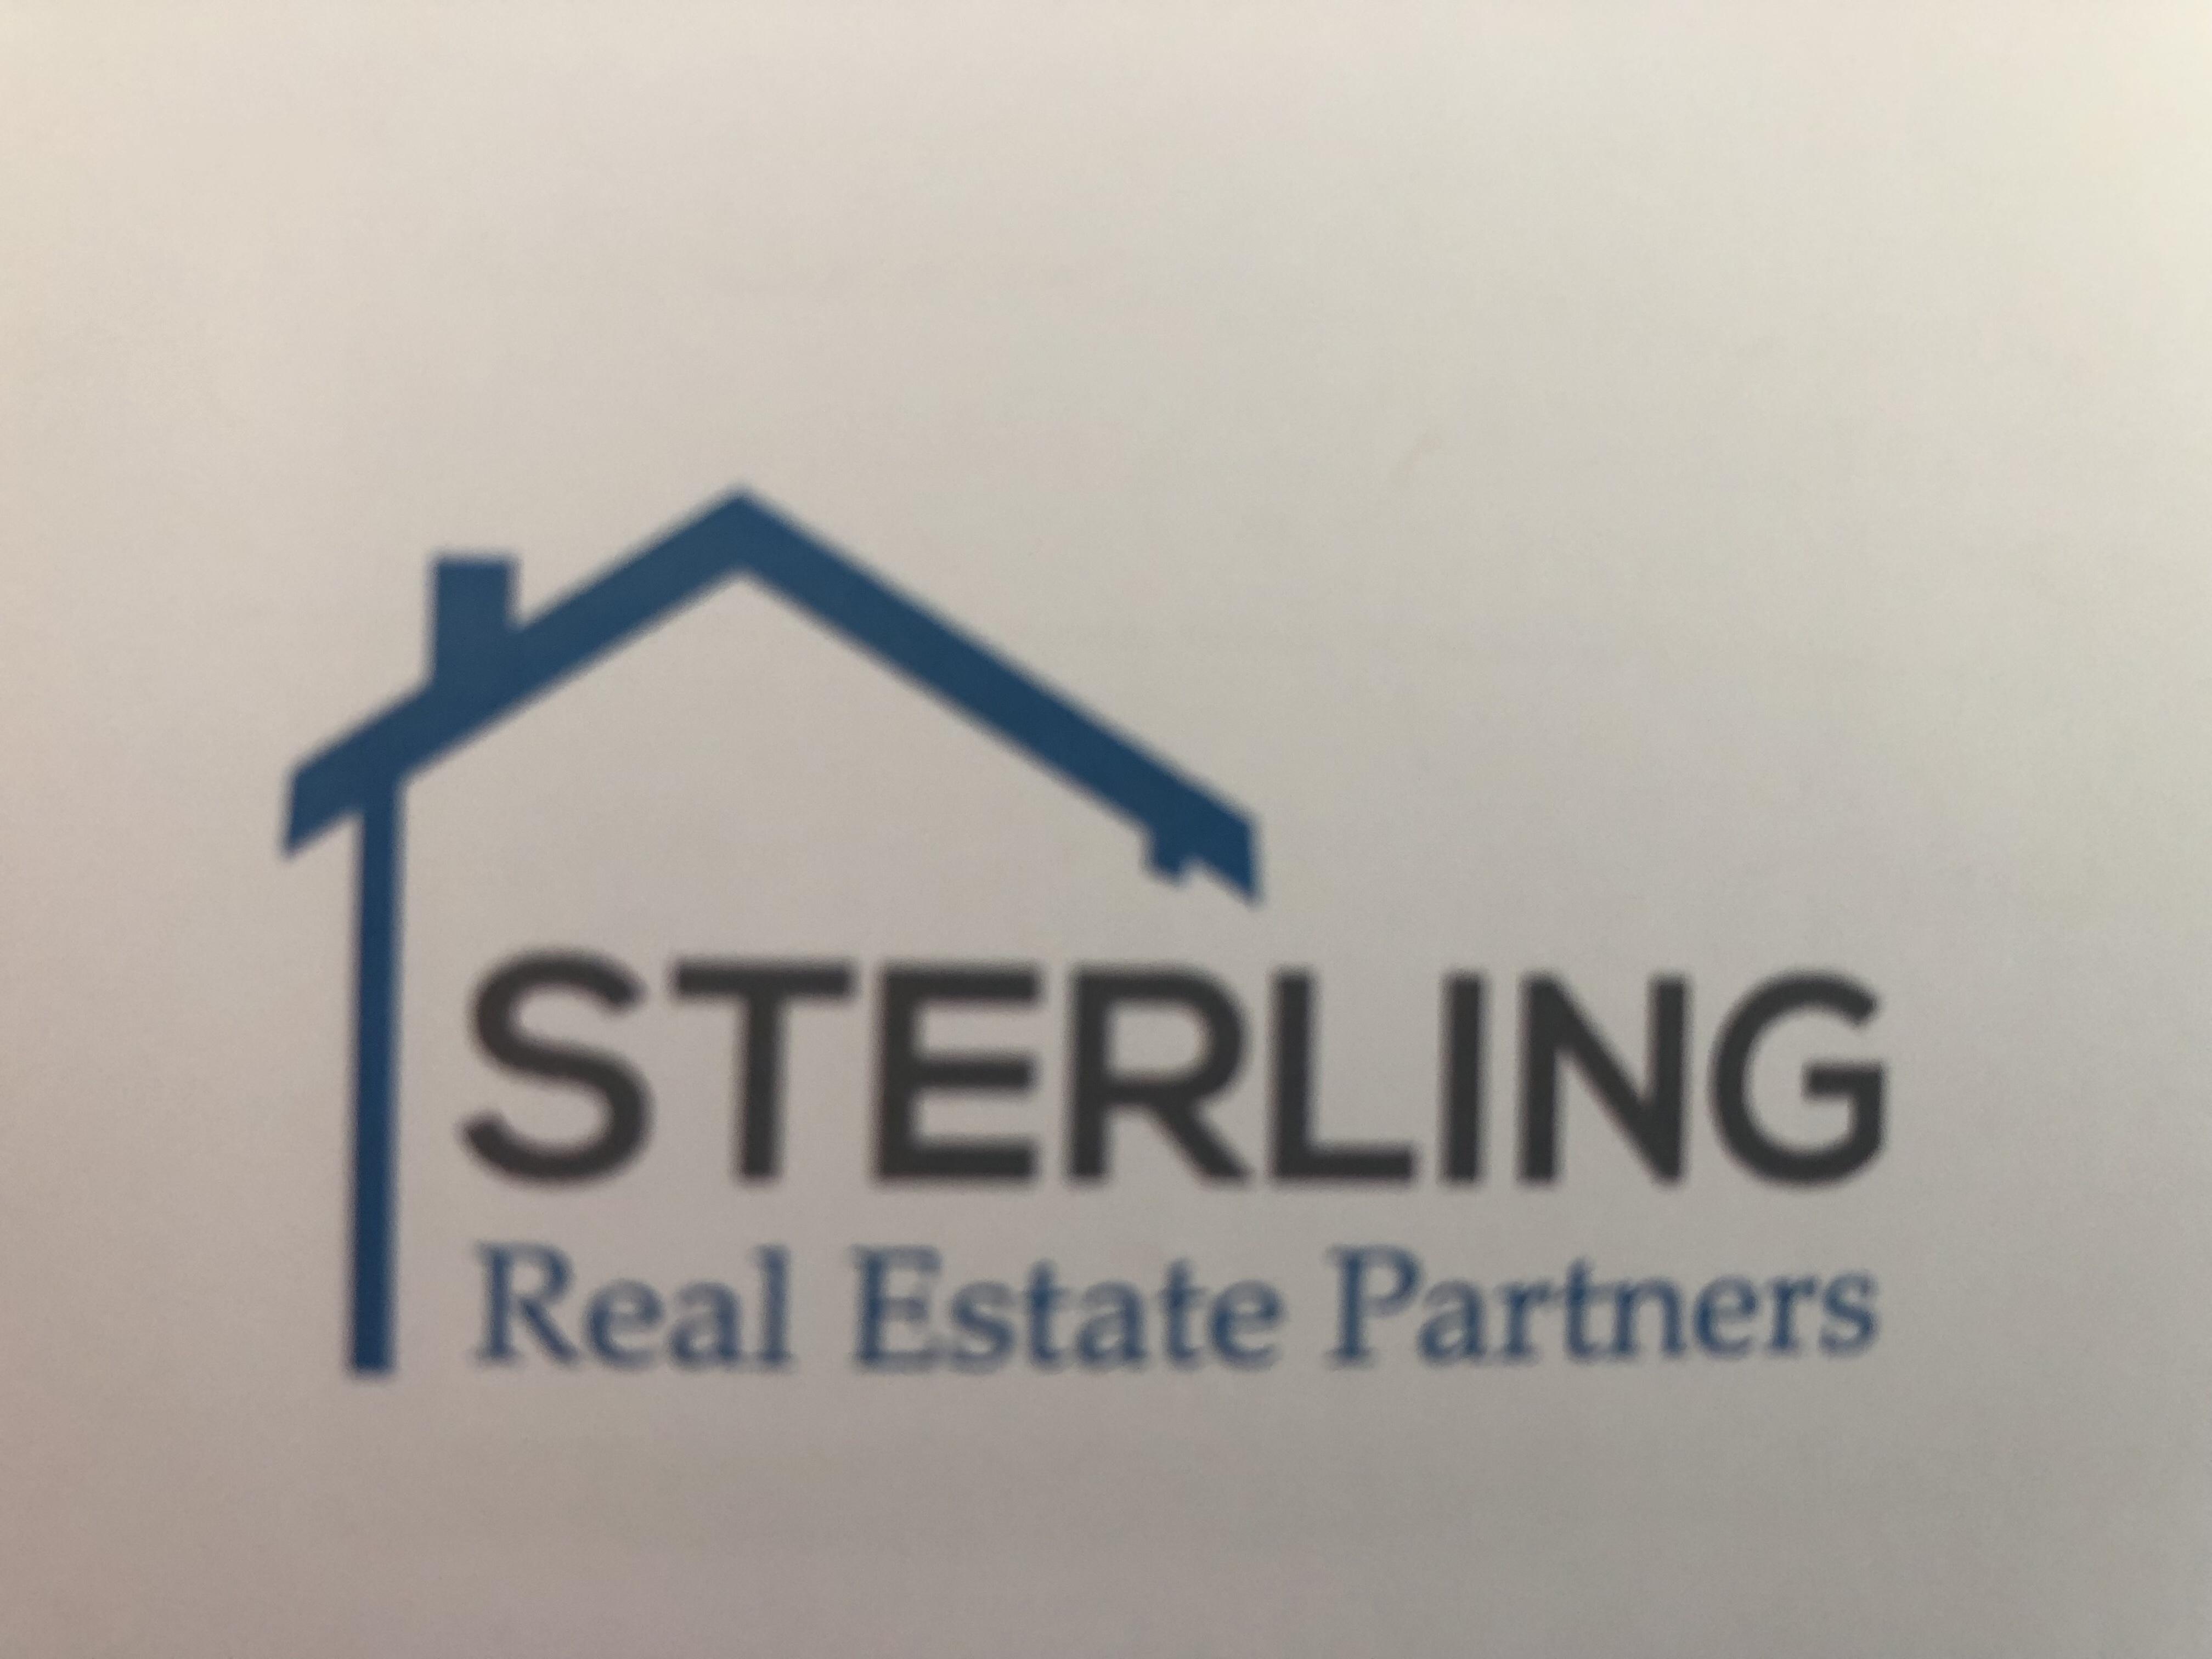 Carl Whitt, Realtor, Sterling Real Estate Partners